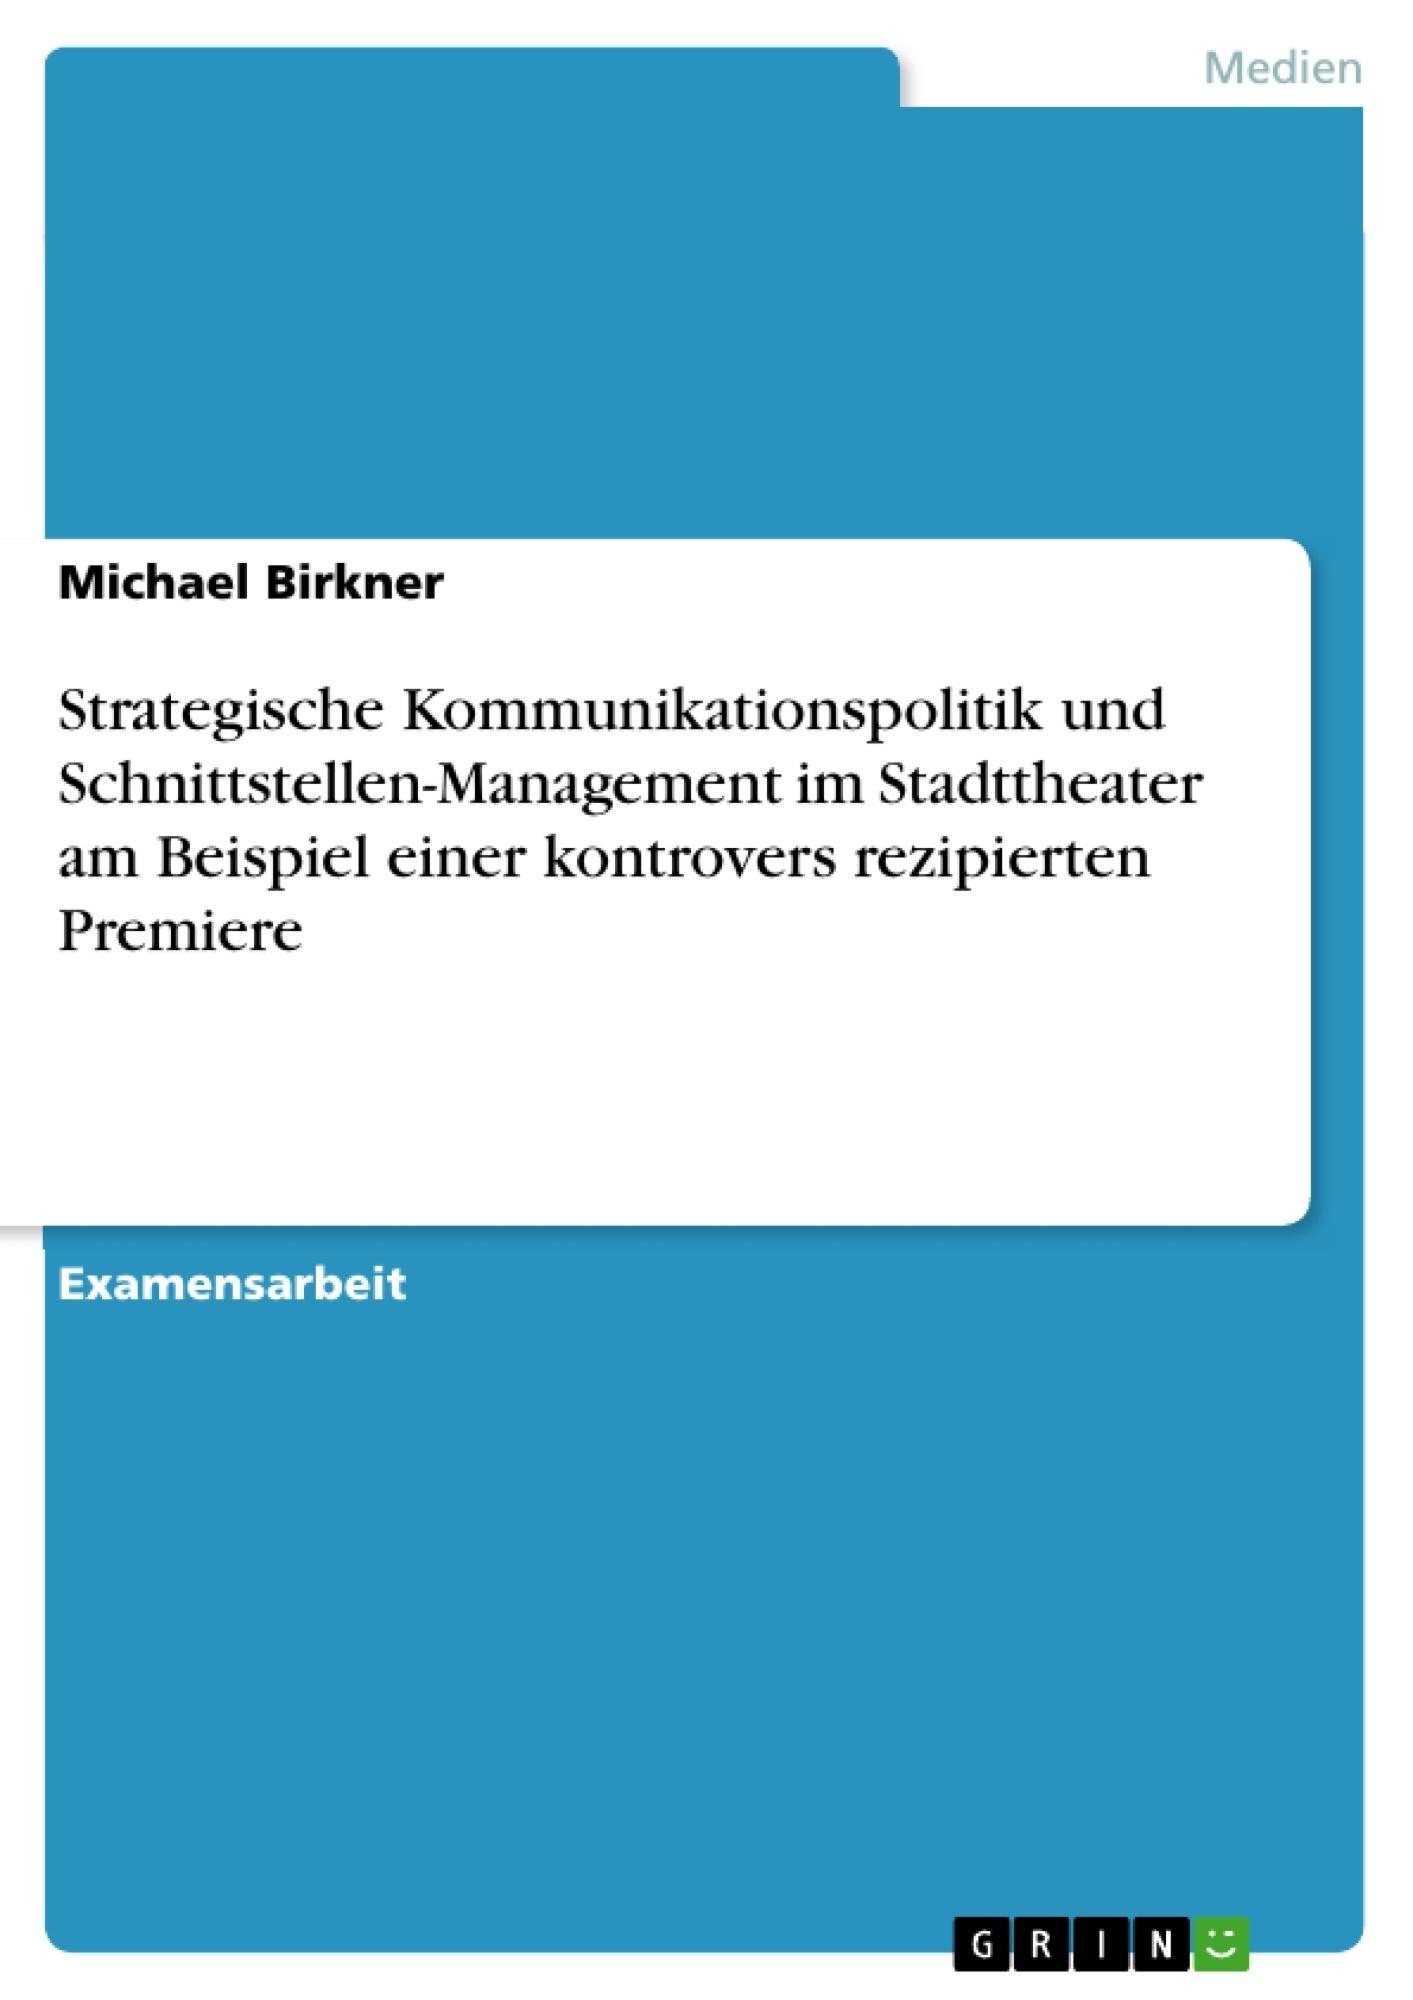 Titel: Strategische Kommunikationspolitik und Schnittstellen-Management im Stadttheater am Beispiel einer kontrovers rezipierten Premiere